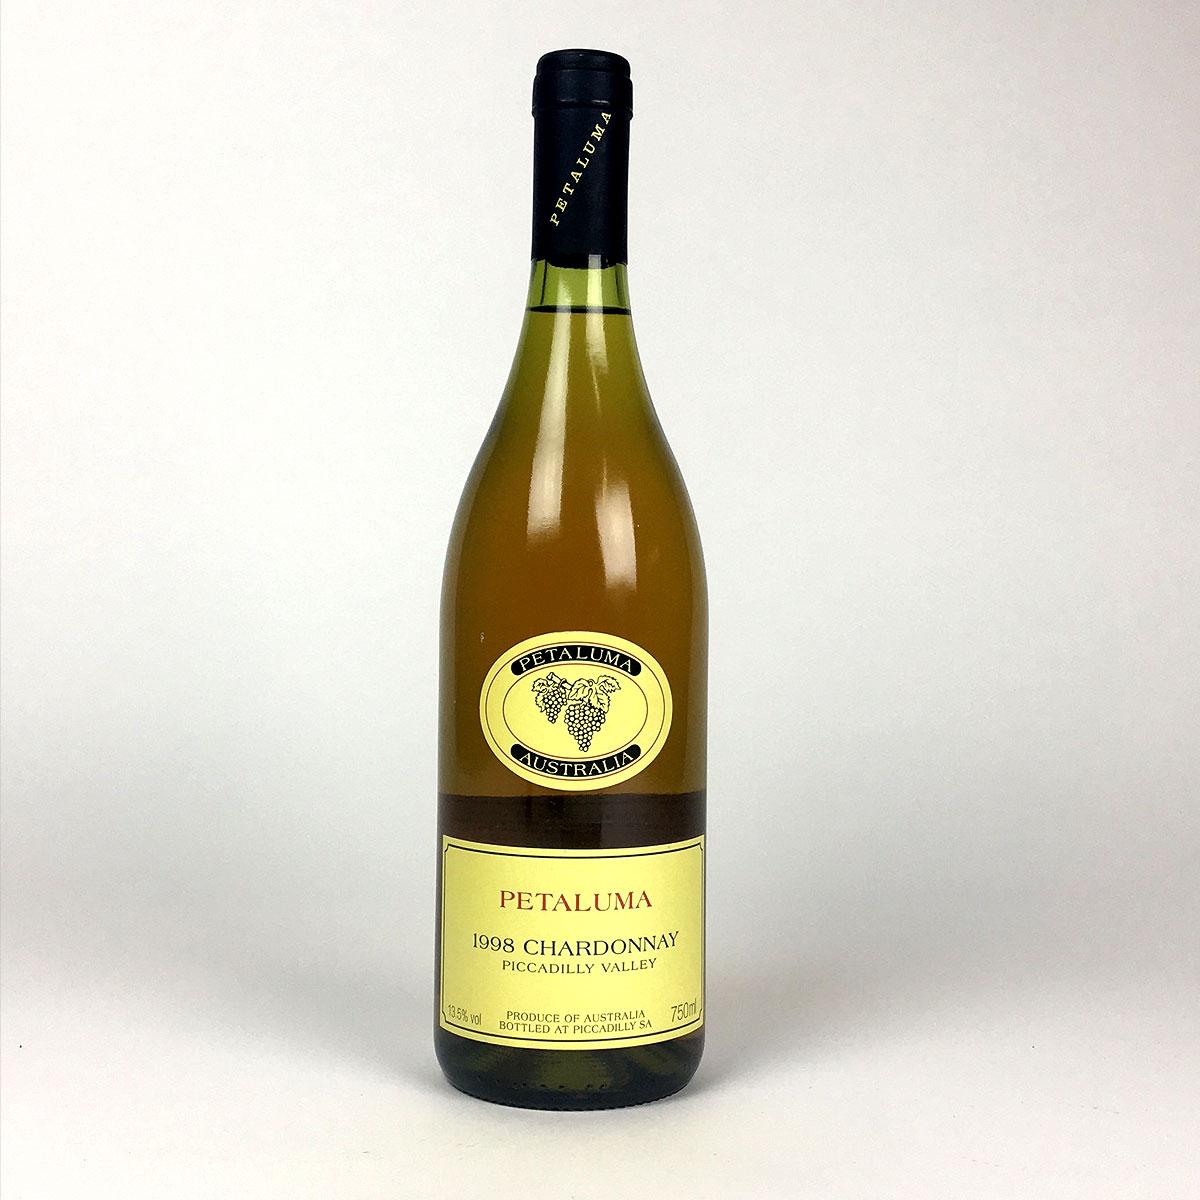 Petaluma Picadilly Valley Chardonnay 1998